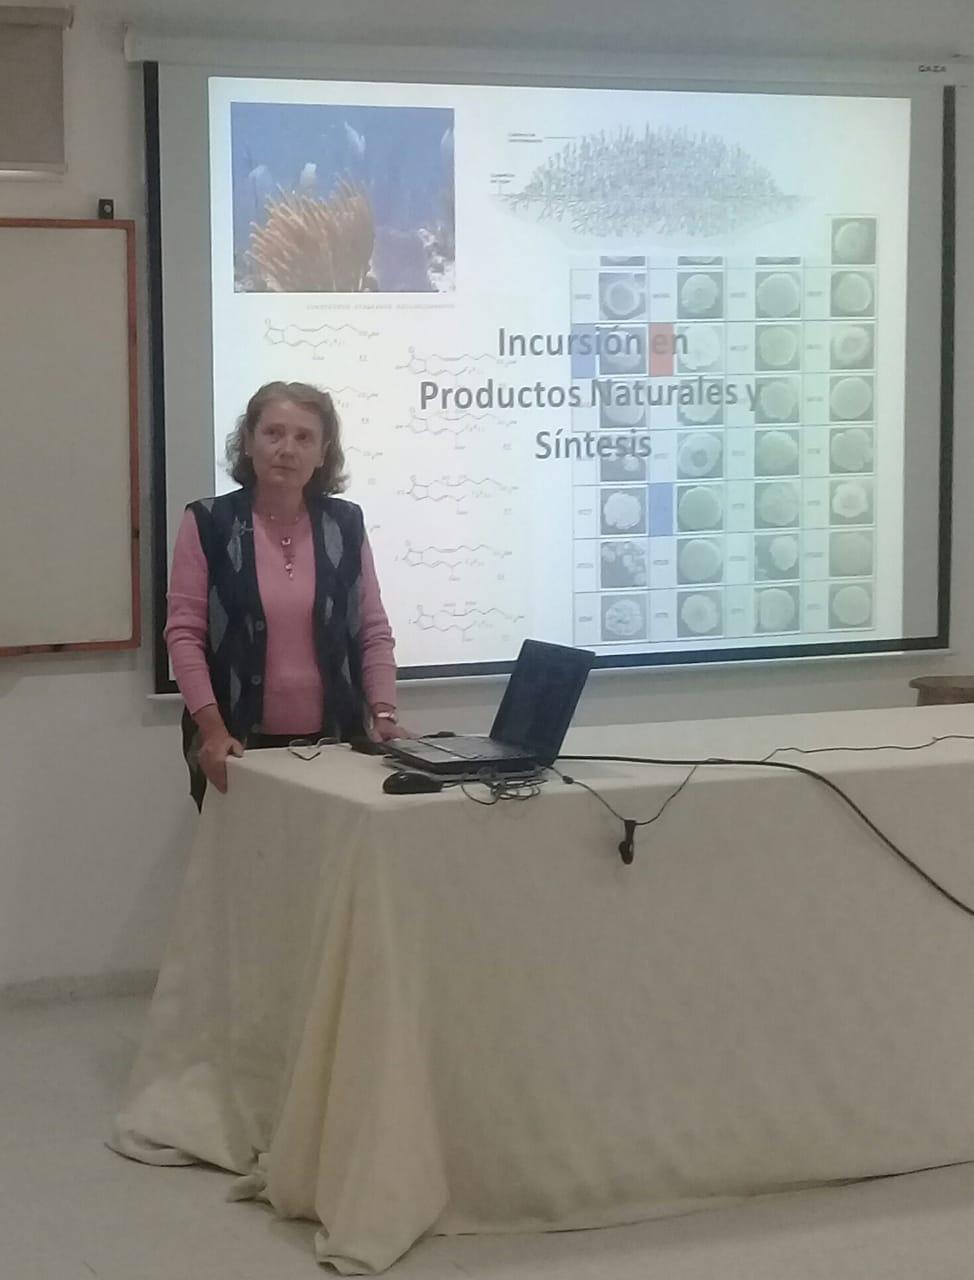 la Prof. Taddei impartiendo la charla